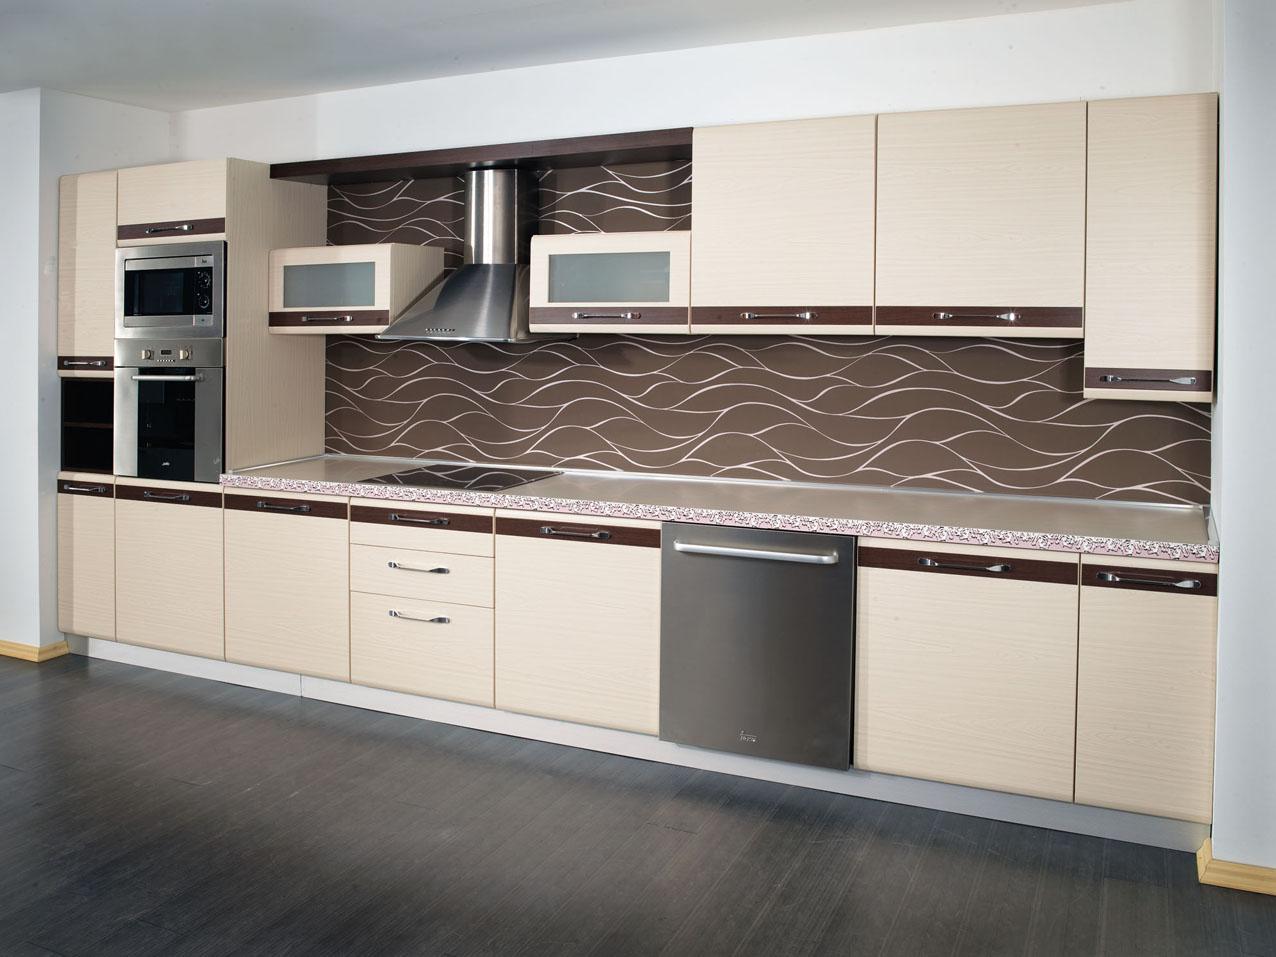 latest designer kitchen. Indian Kitchen Designs  Source 55 Modular Kitchen Design Ideas For Indian Homes